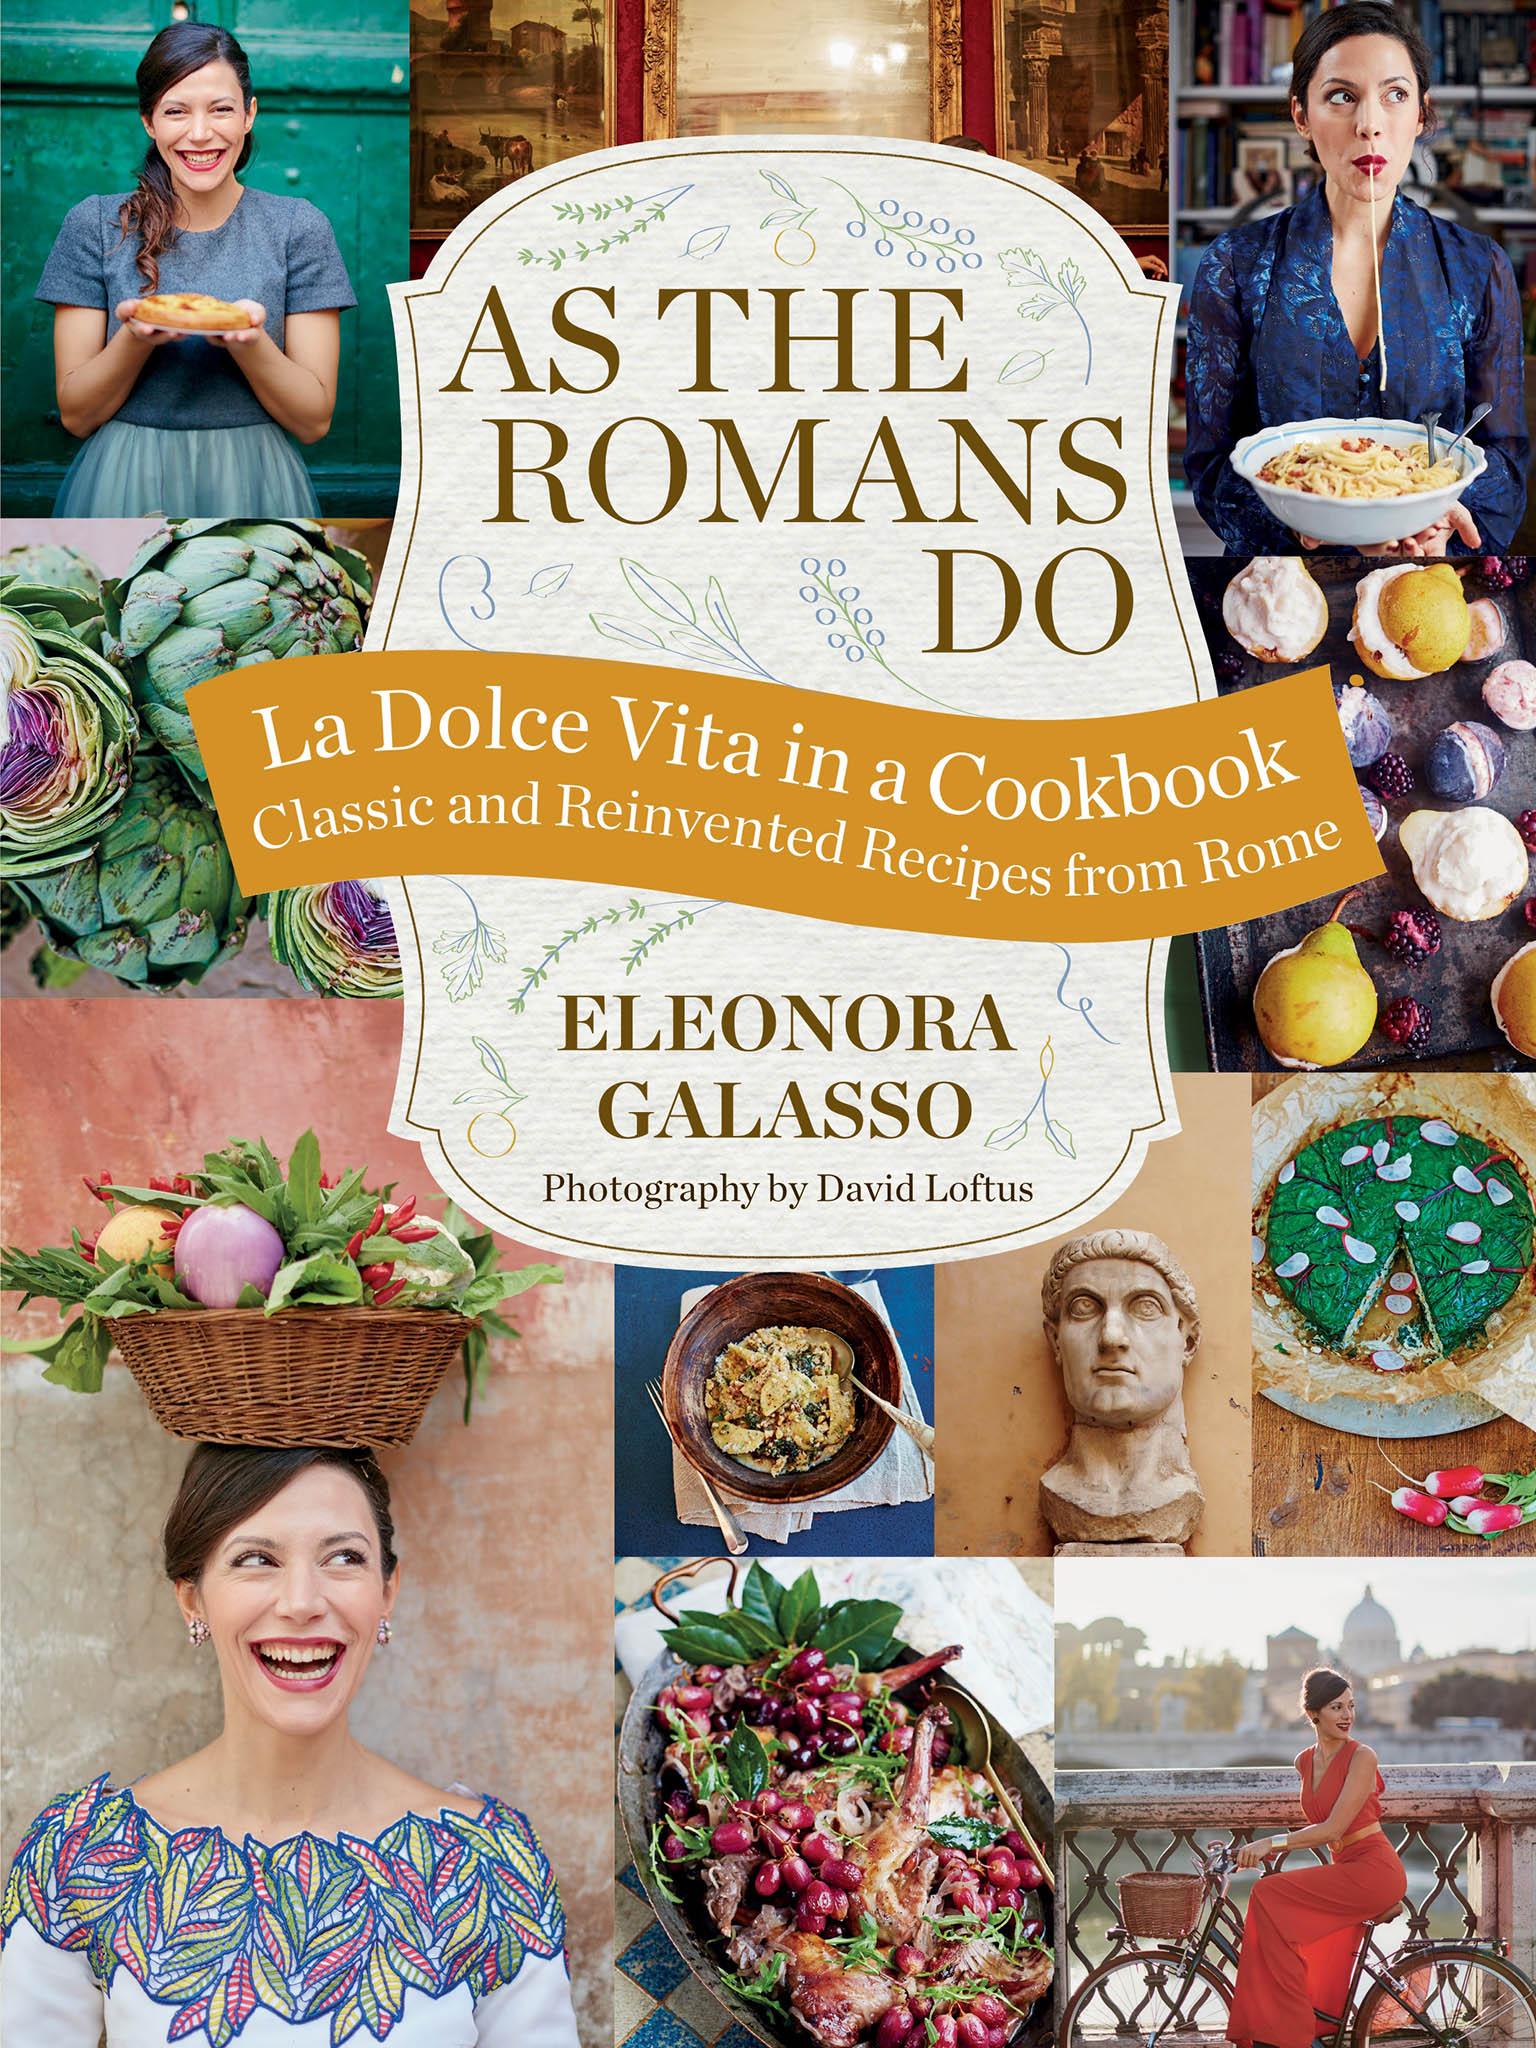 La Dolce Vita Cookbook